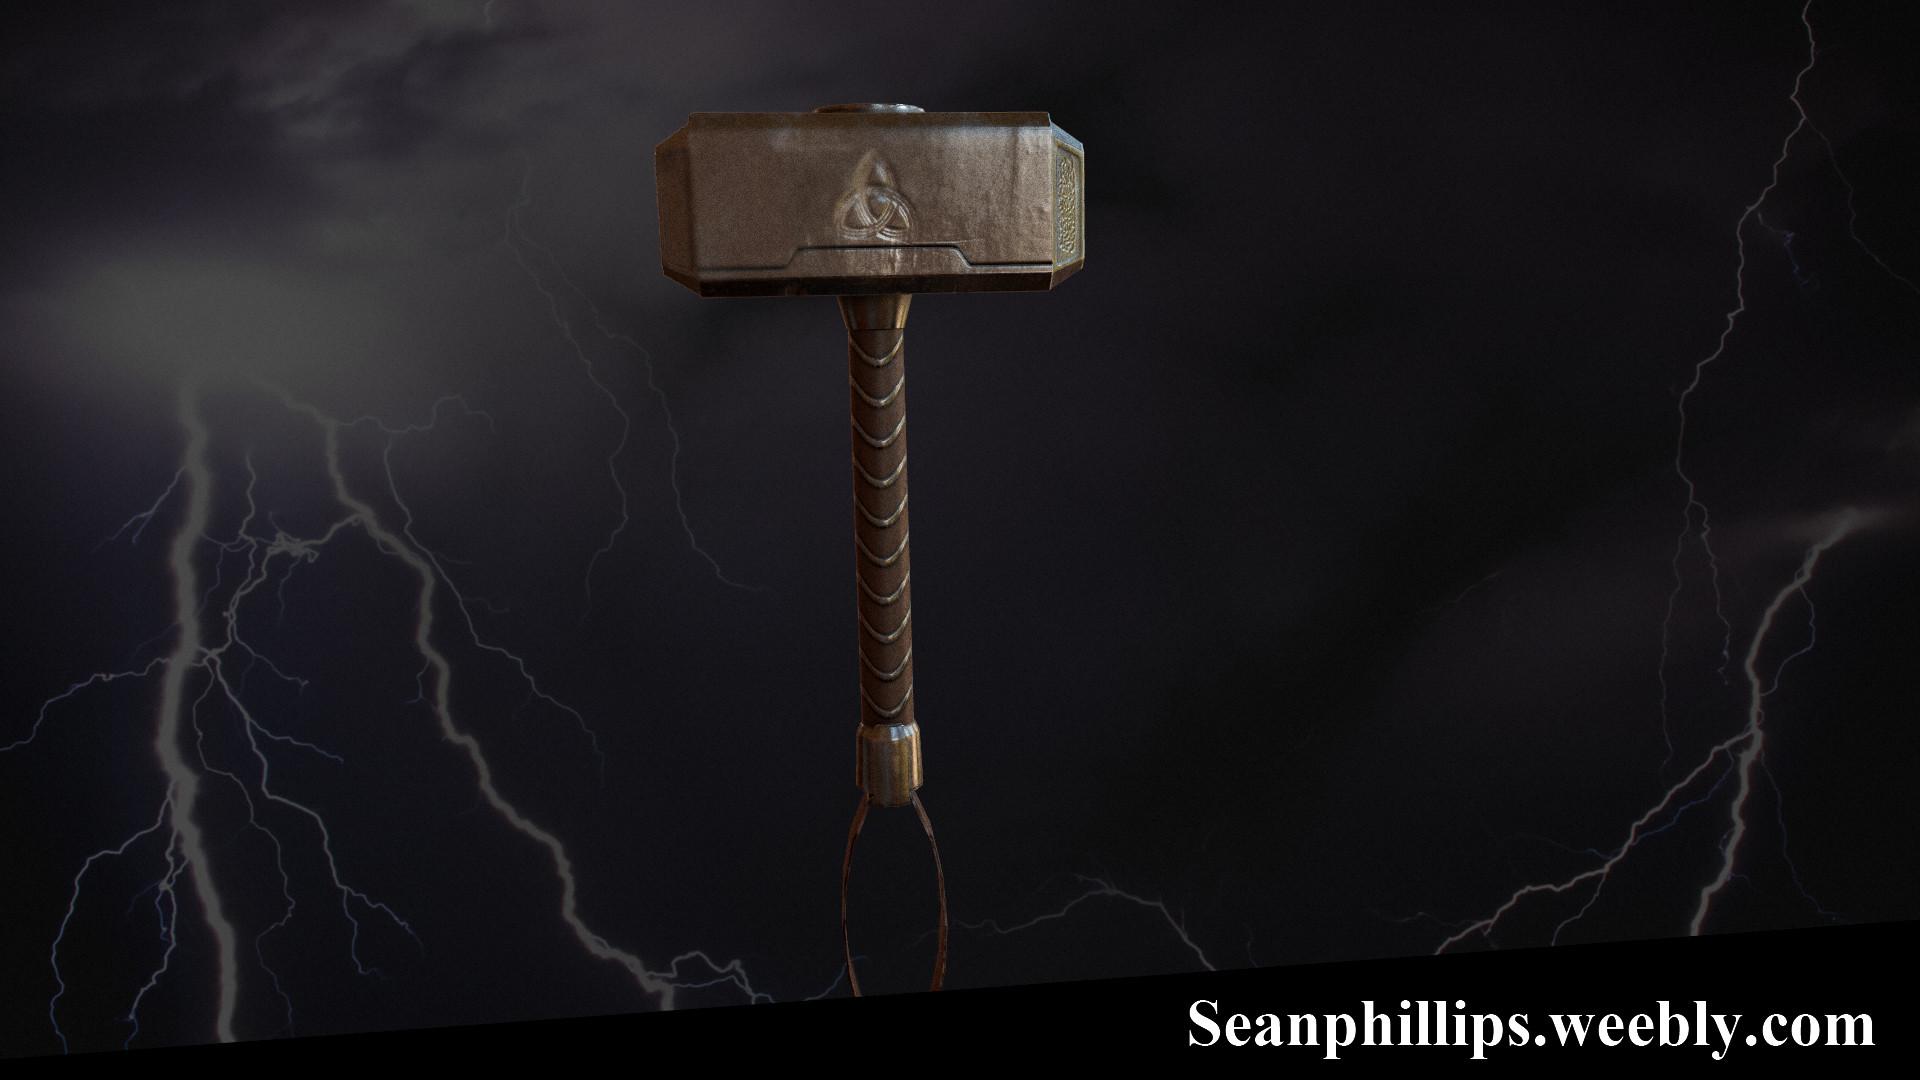 Sean phillips hammer 0003